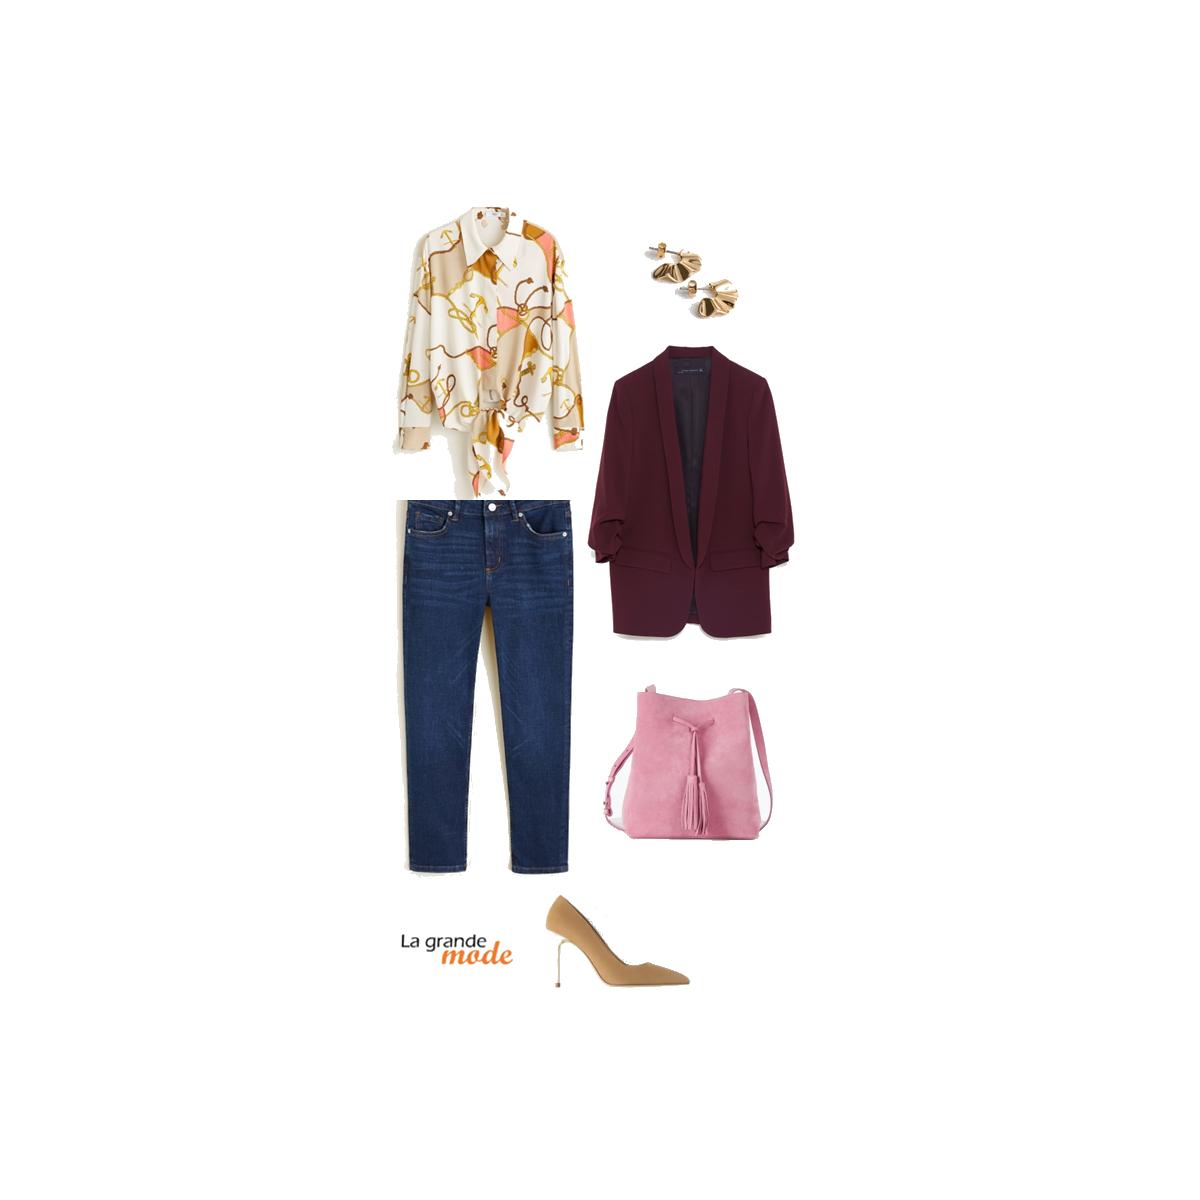 La Grande Mode - Idée look avec une chemise imprimé chaînes - Tendance Mode printemps été 2019 - SS2019